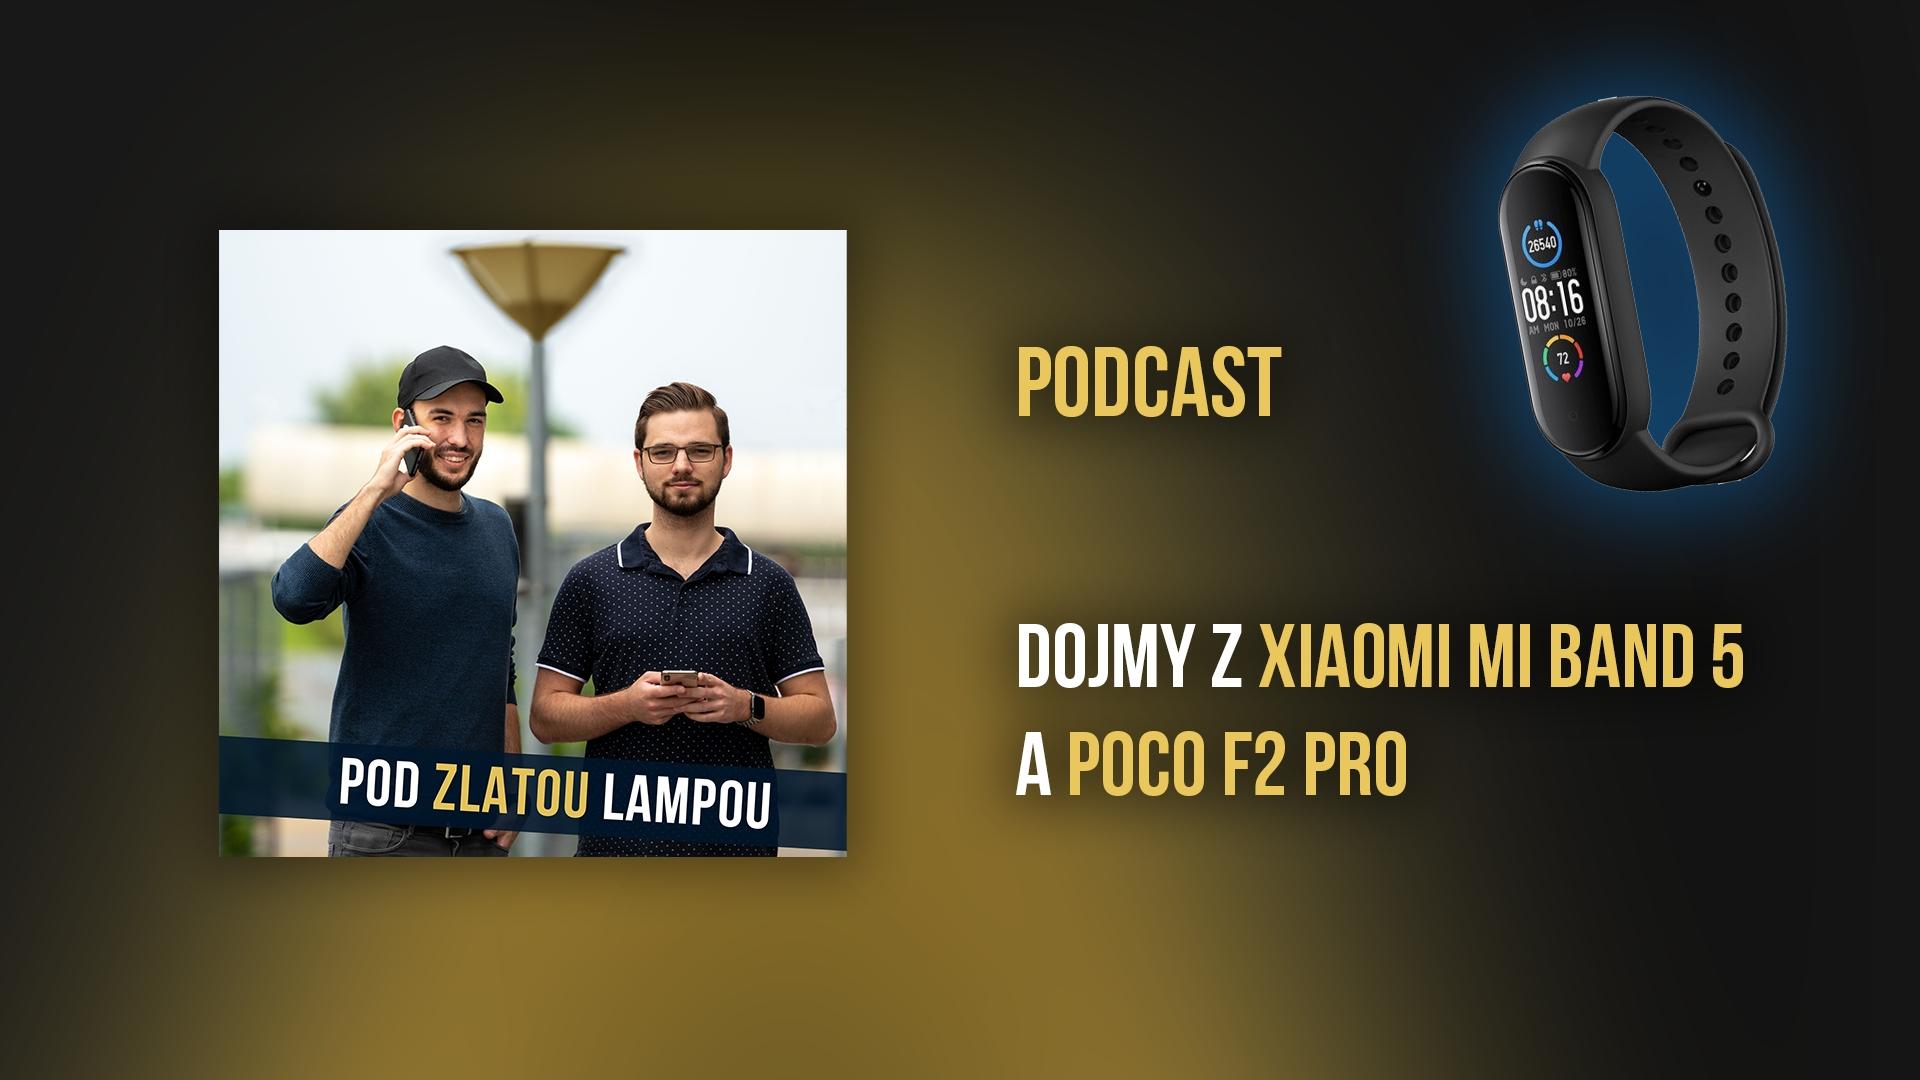 Naše dojmy z Xiaomi Mi Band 5 a Poco F2 Pro – podcast #13